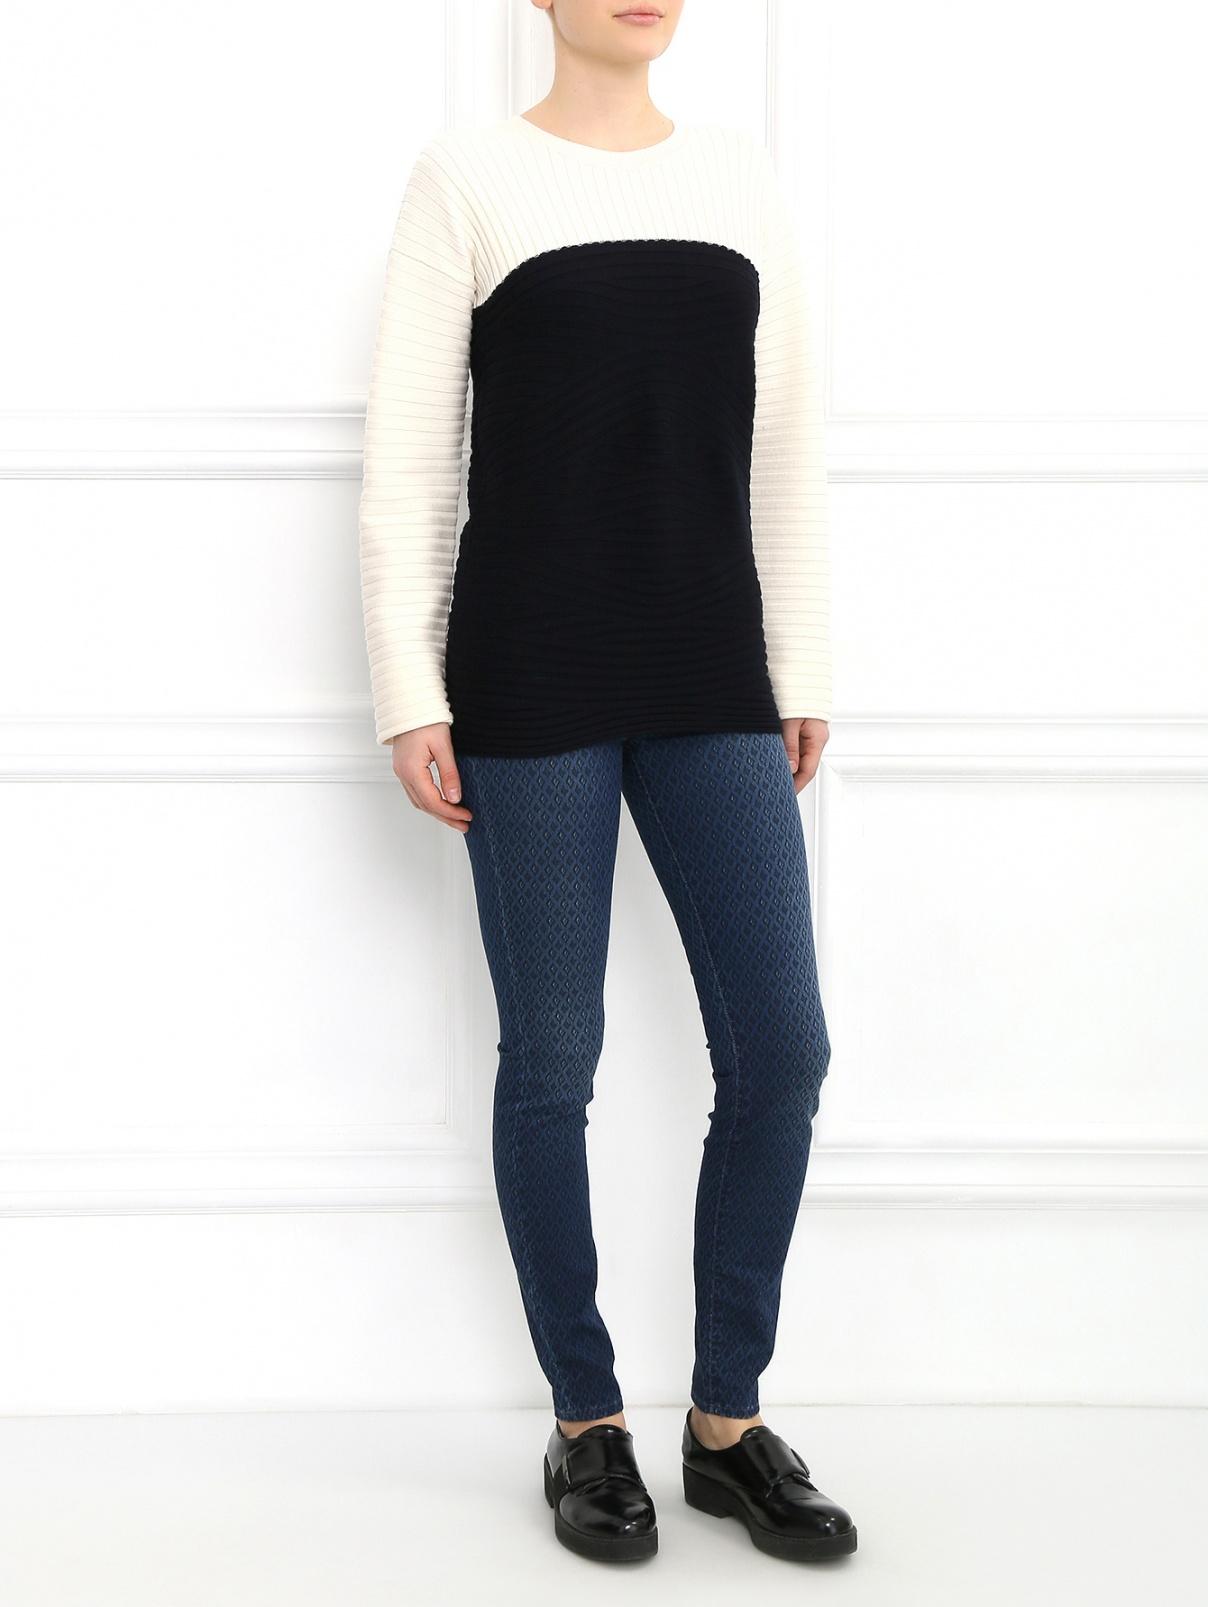 Узкие брюки с узором 7 For All Mankind  –  Модель Общий вид  – Цвет:  Синий